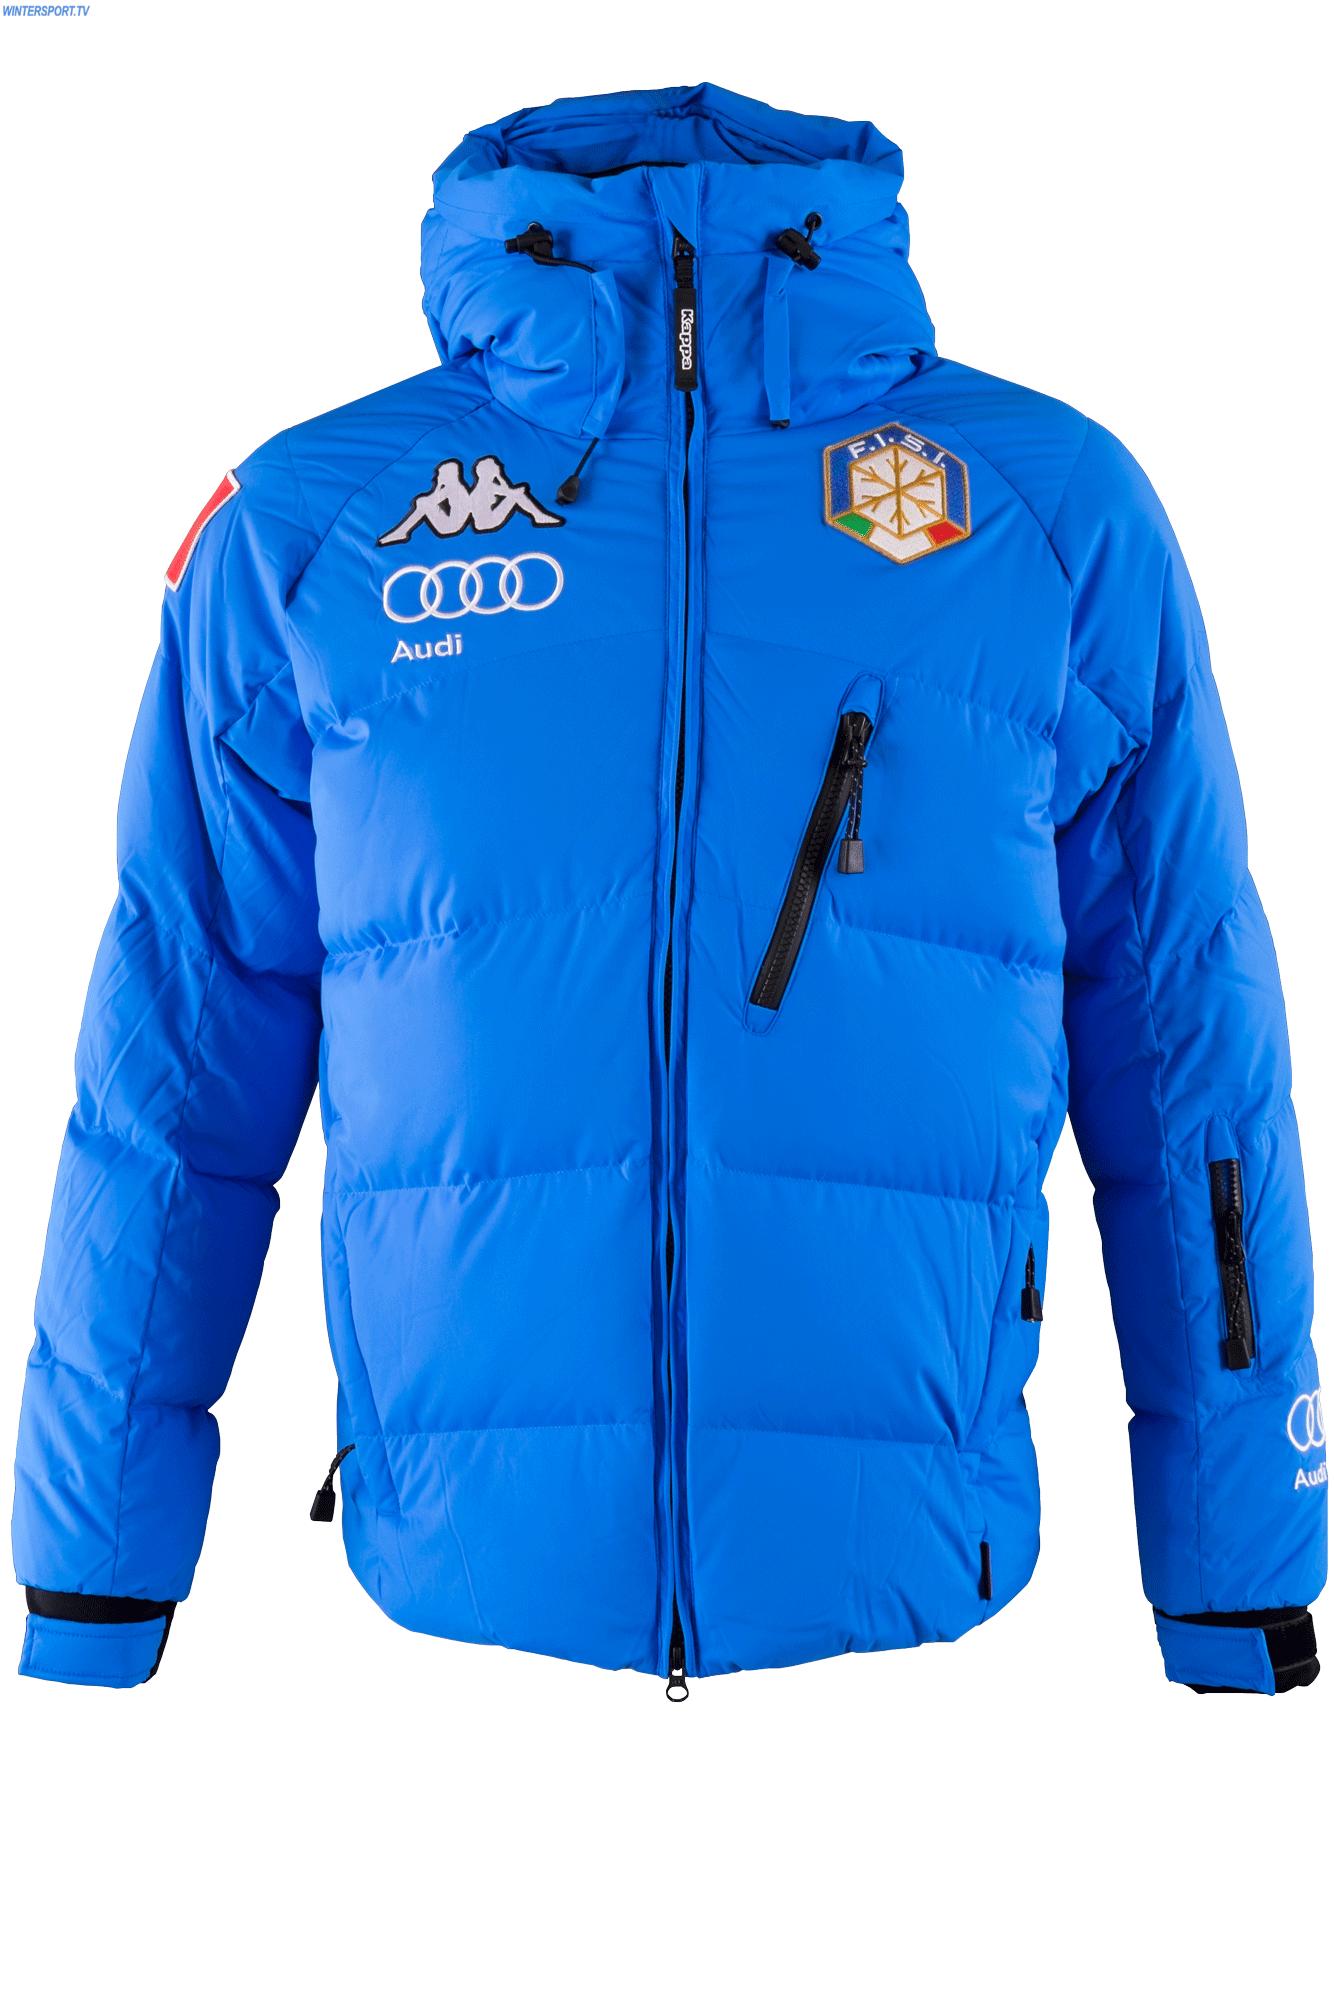 Wintersport online shop kappa. Hoodie clipart blue hoodie